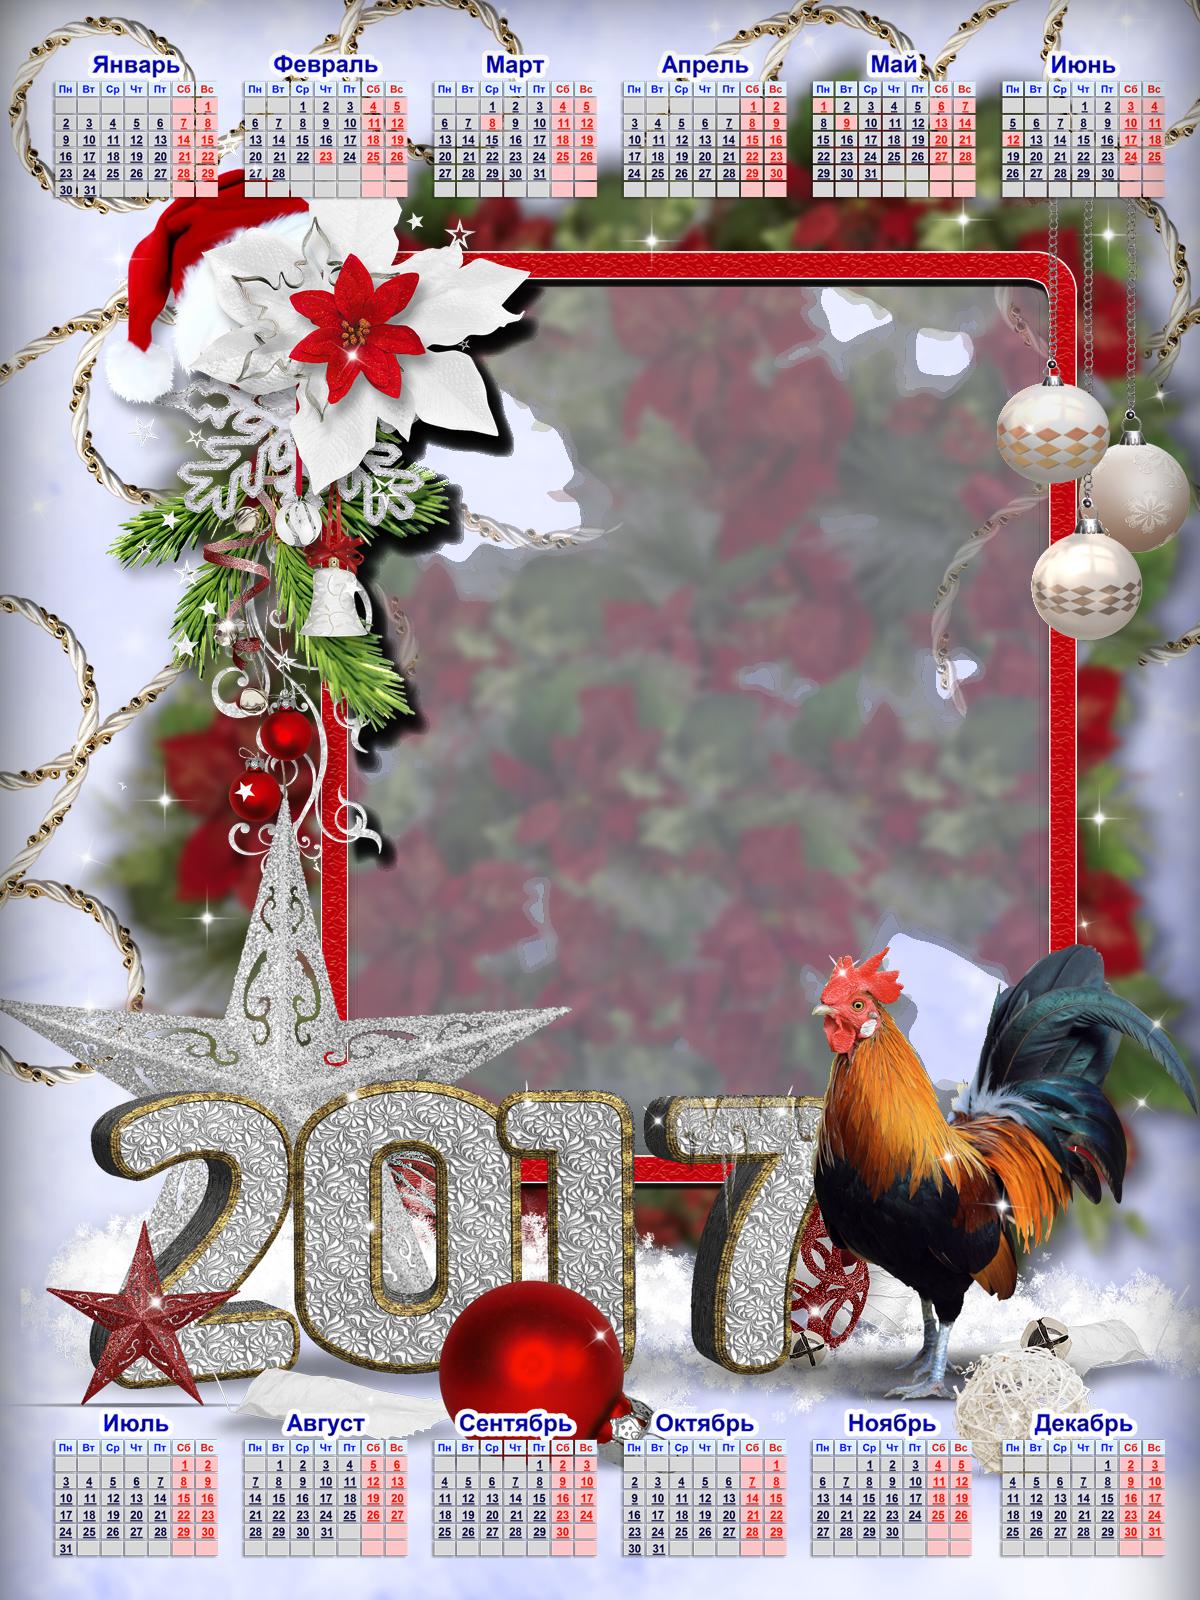 Фоторамка Календарь с символом года Фоторамка для фотошопа, PNG шаблон. Красно-белый новогодний календарь 2017. Петух, елочные игрушки.